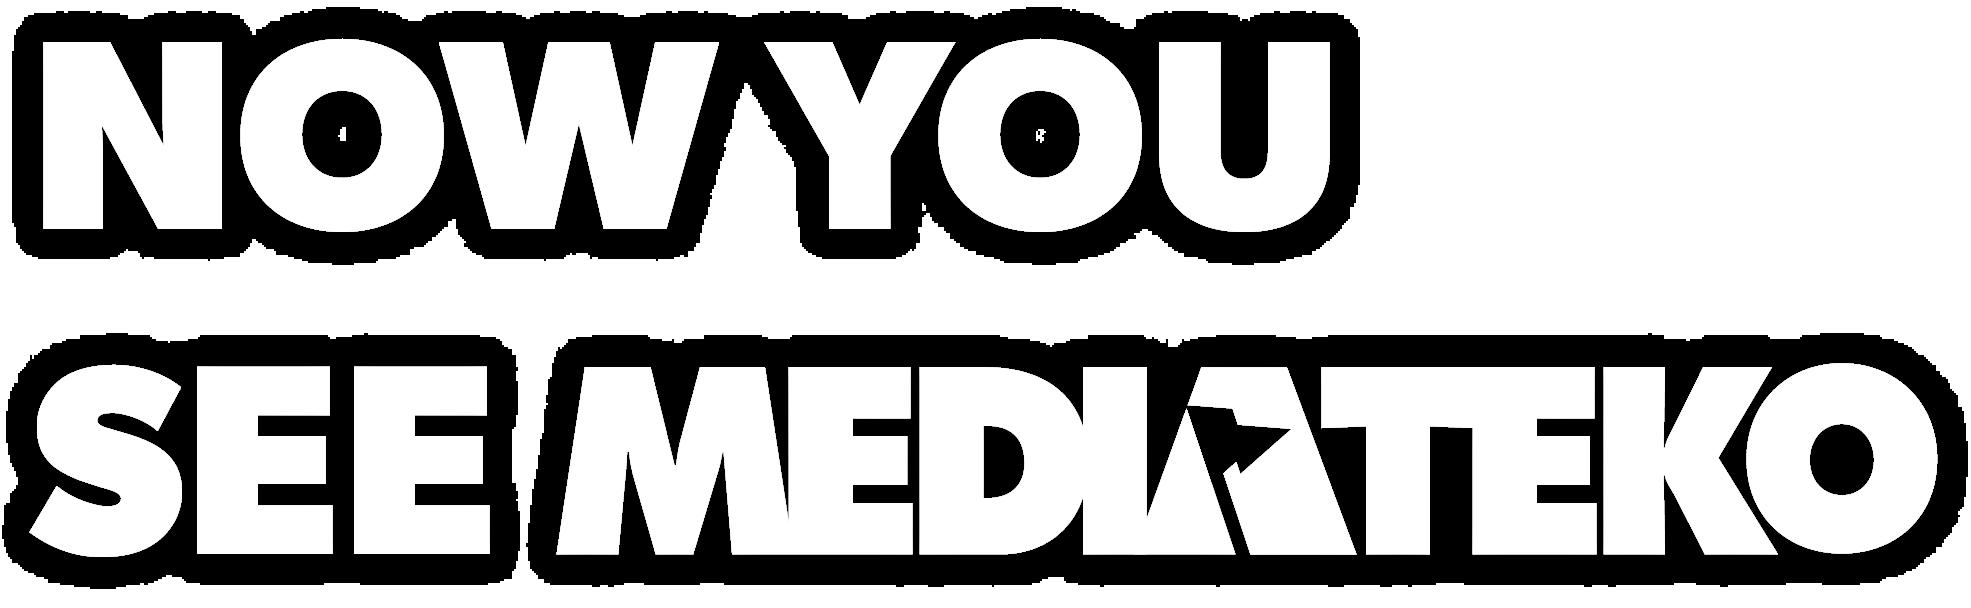 mediateko-kesä-otsikkokuva